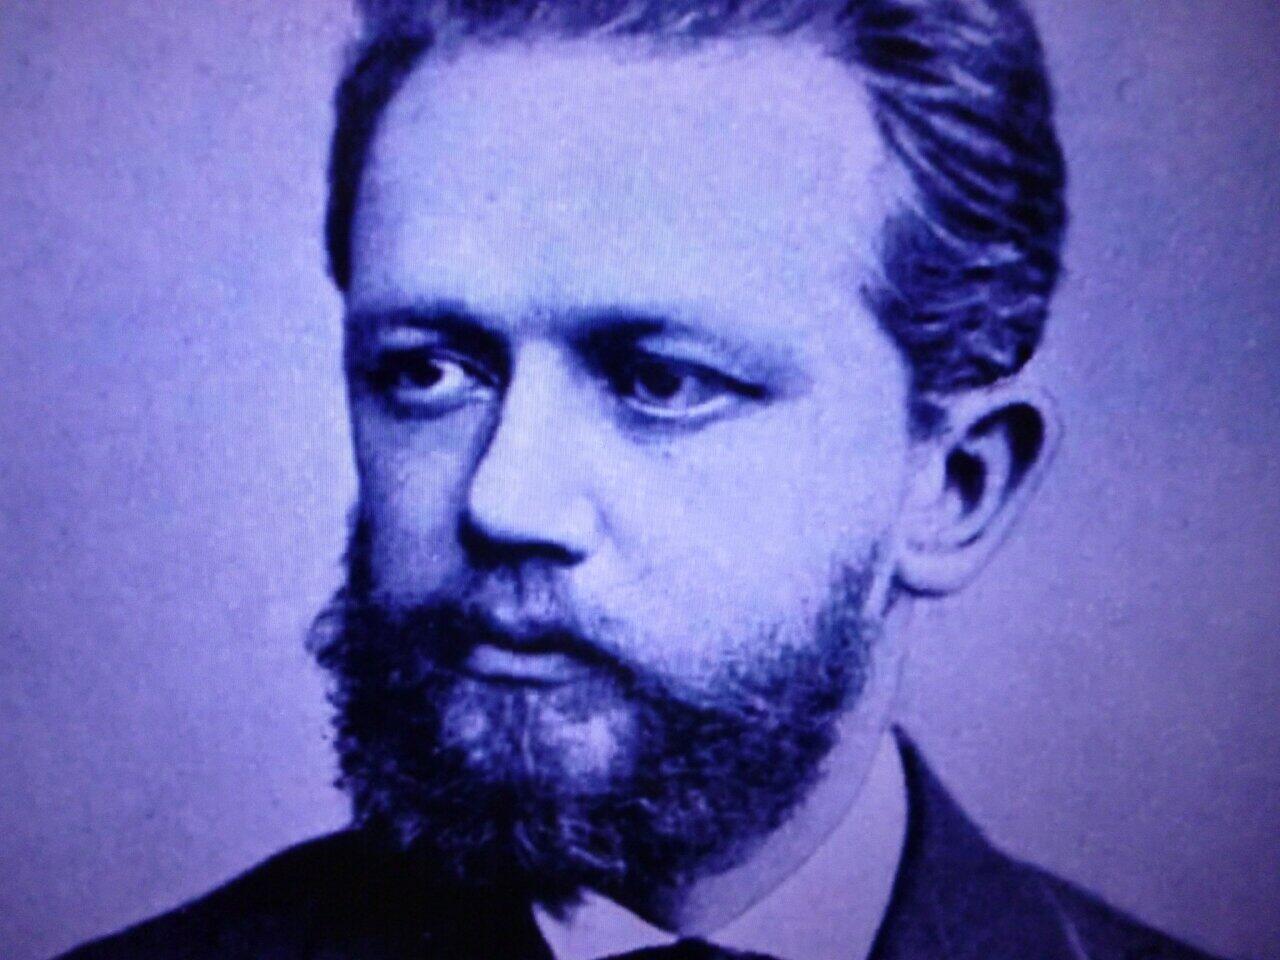 若きチャイコフスキーの肖像